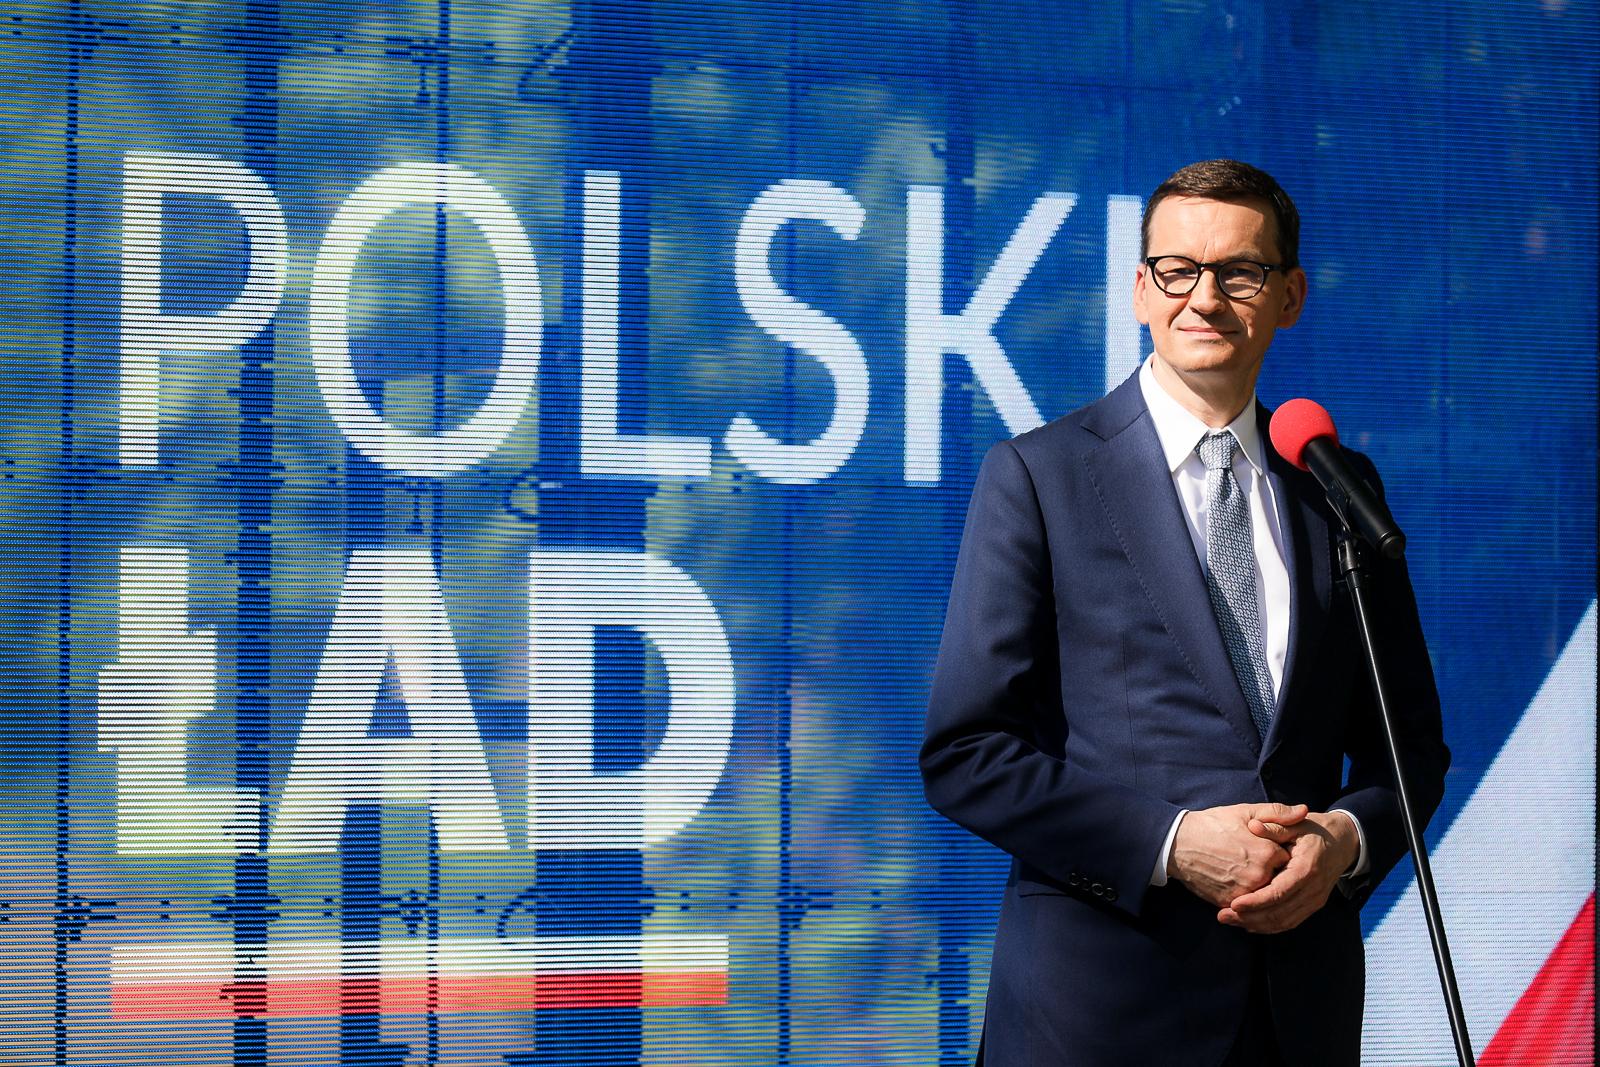 [SONDAŻ] Nowy Polski Ład. Większość Polaków popiera wyższe podatki dla najbogatszych